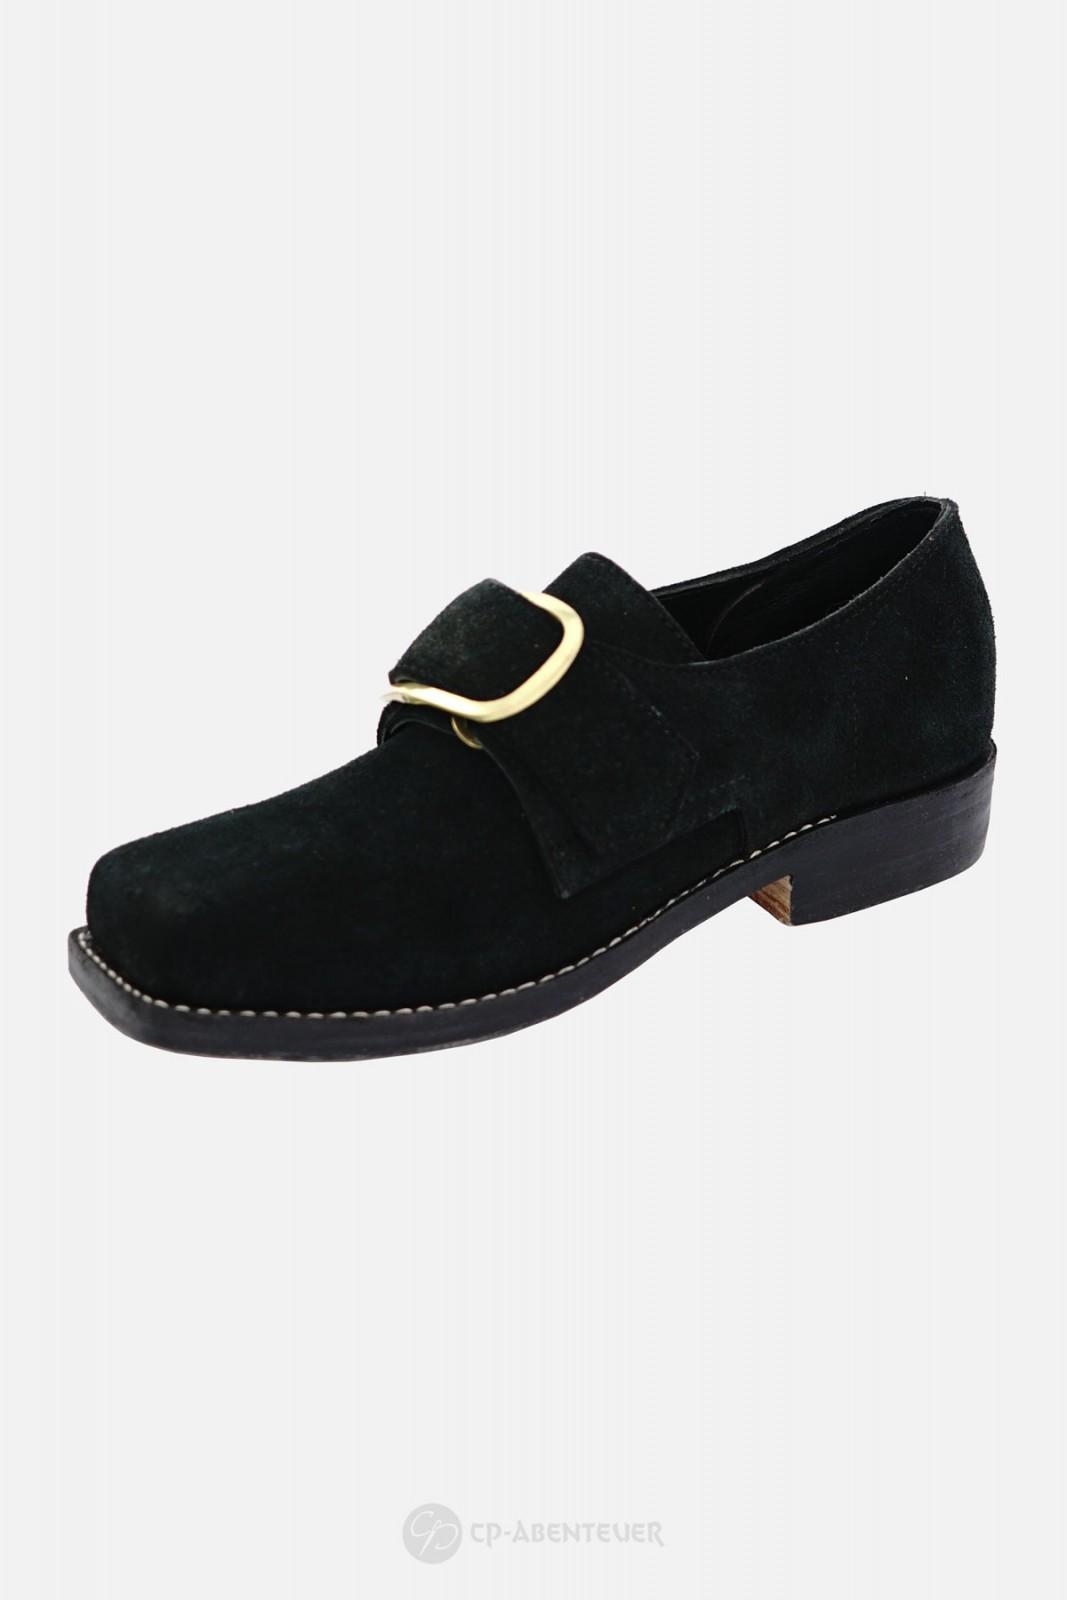 Ludwig - Schuhe